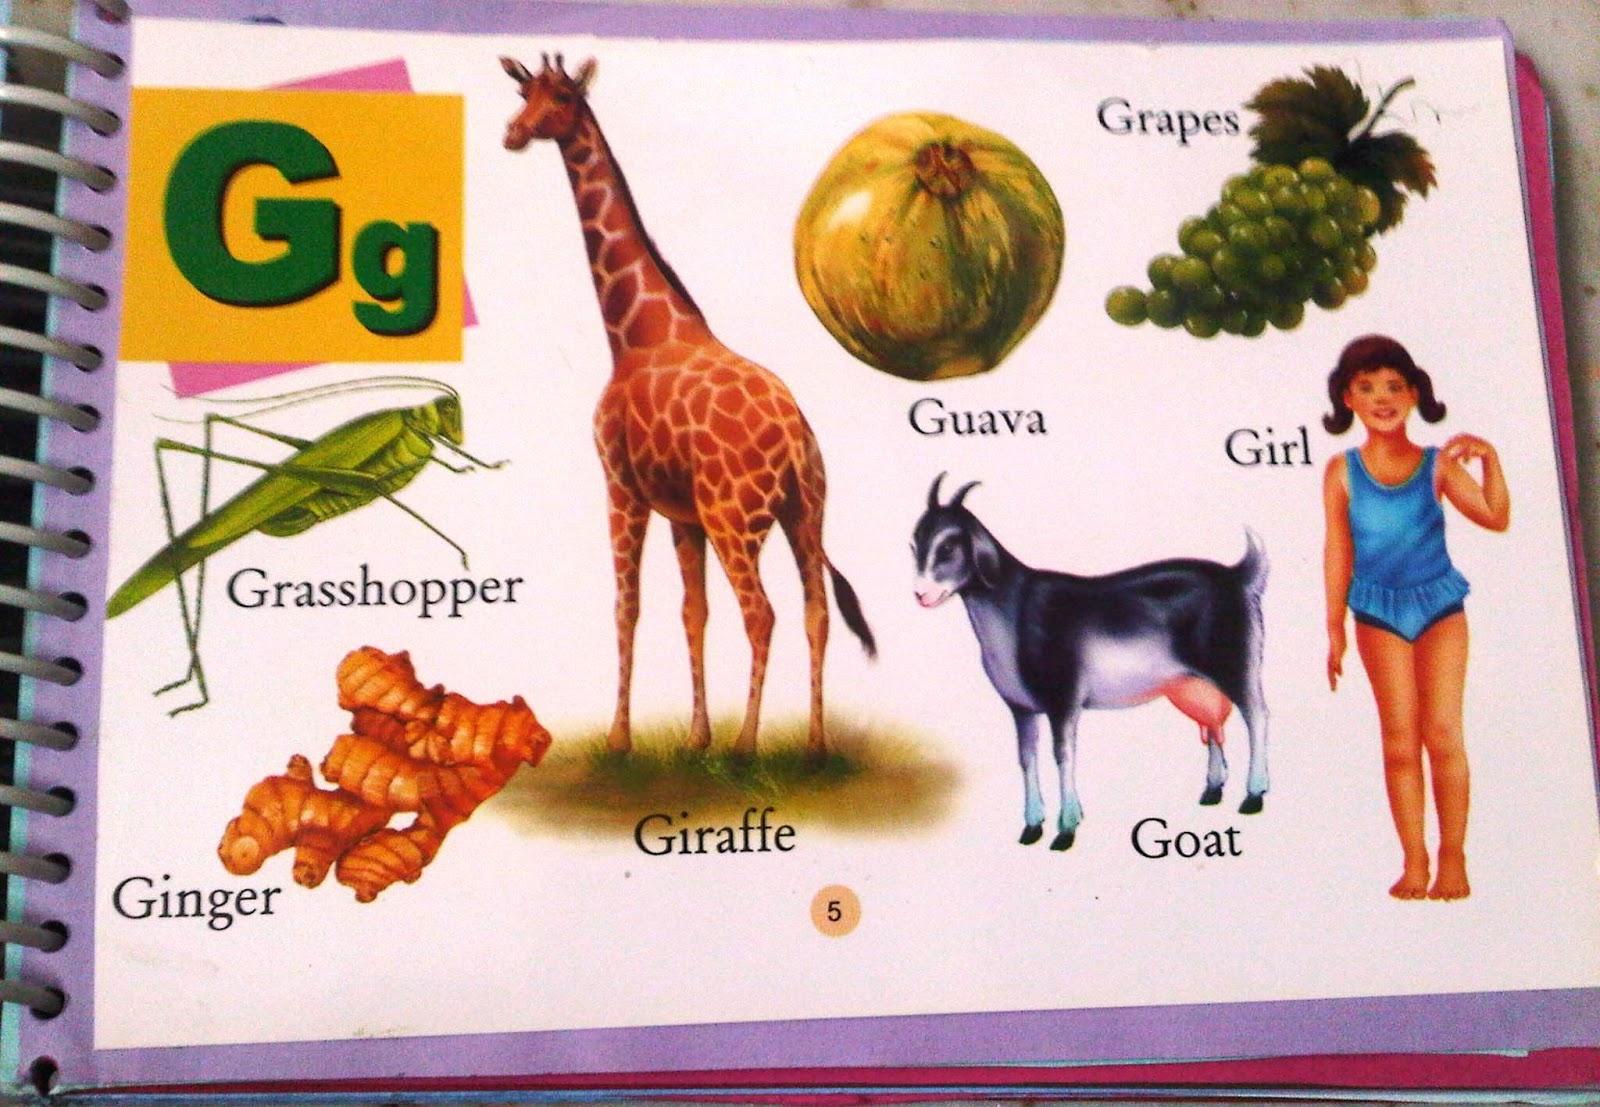 Dạy tiếng Anh qua tranh ảnh giúp bé dễ ghi nhớ nghĩa của từ